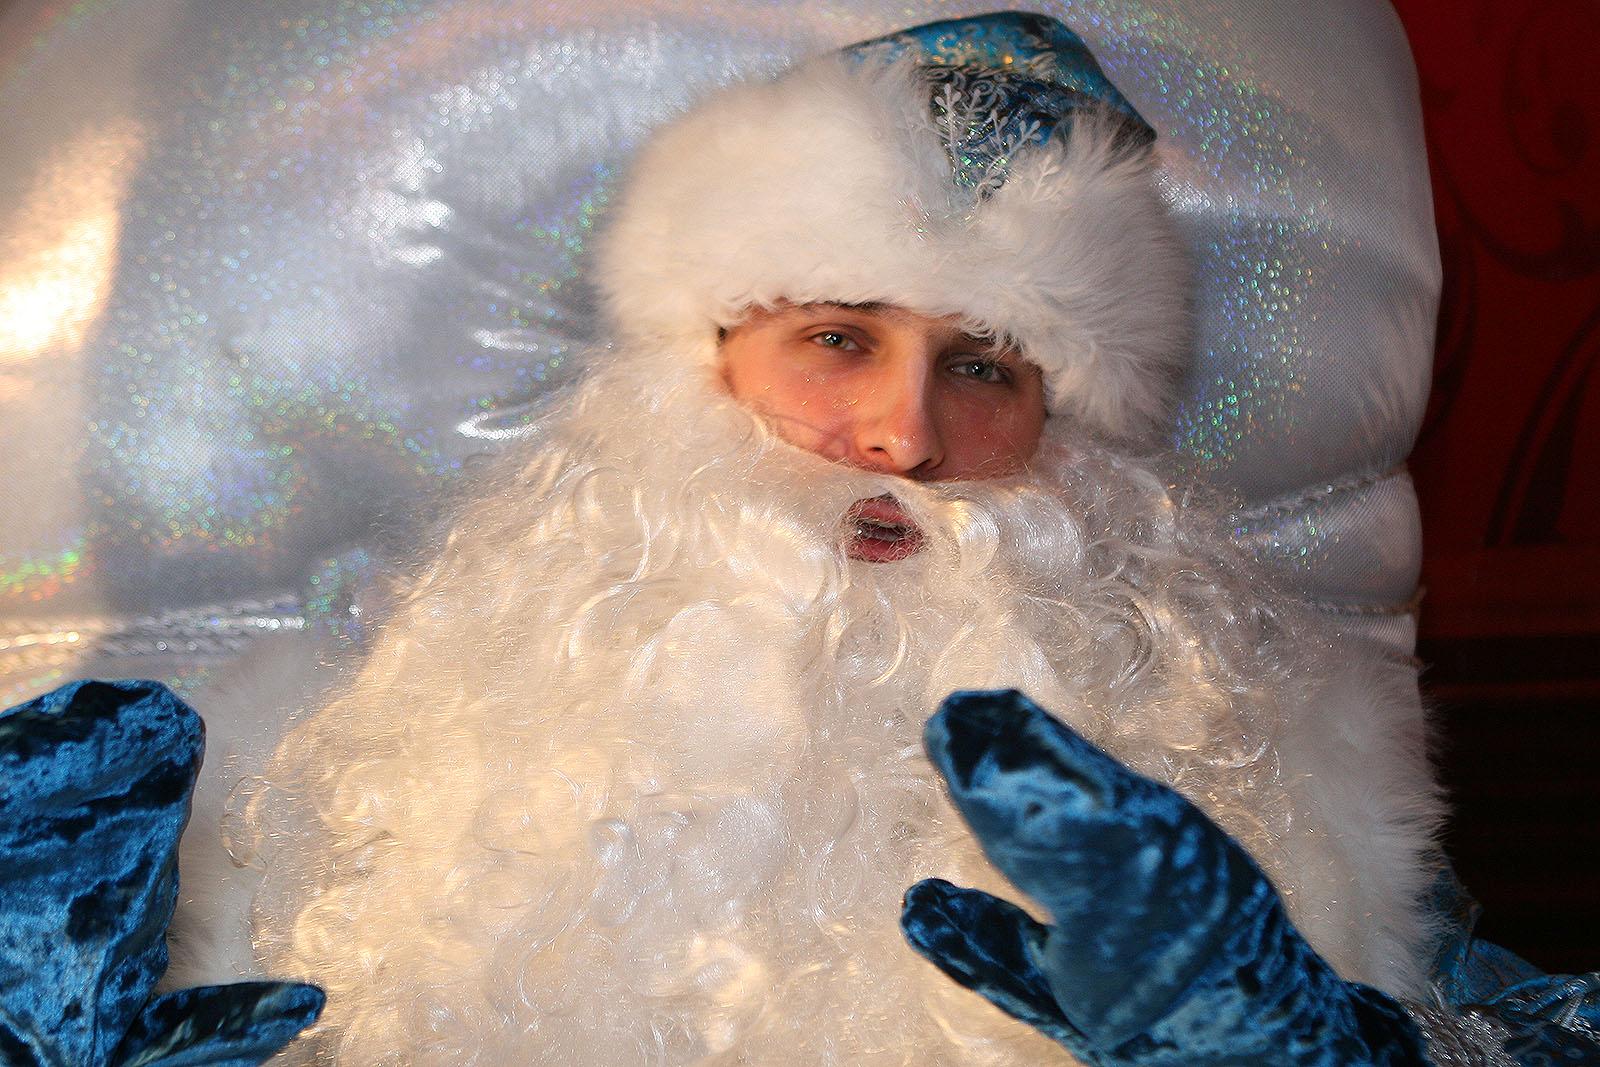 Обычный Дед Мороз: «Дети меня с Сантой не путают. Взрослые путают»